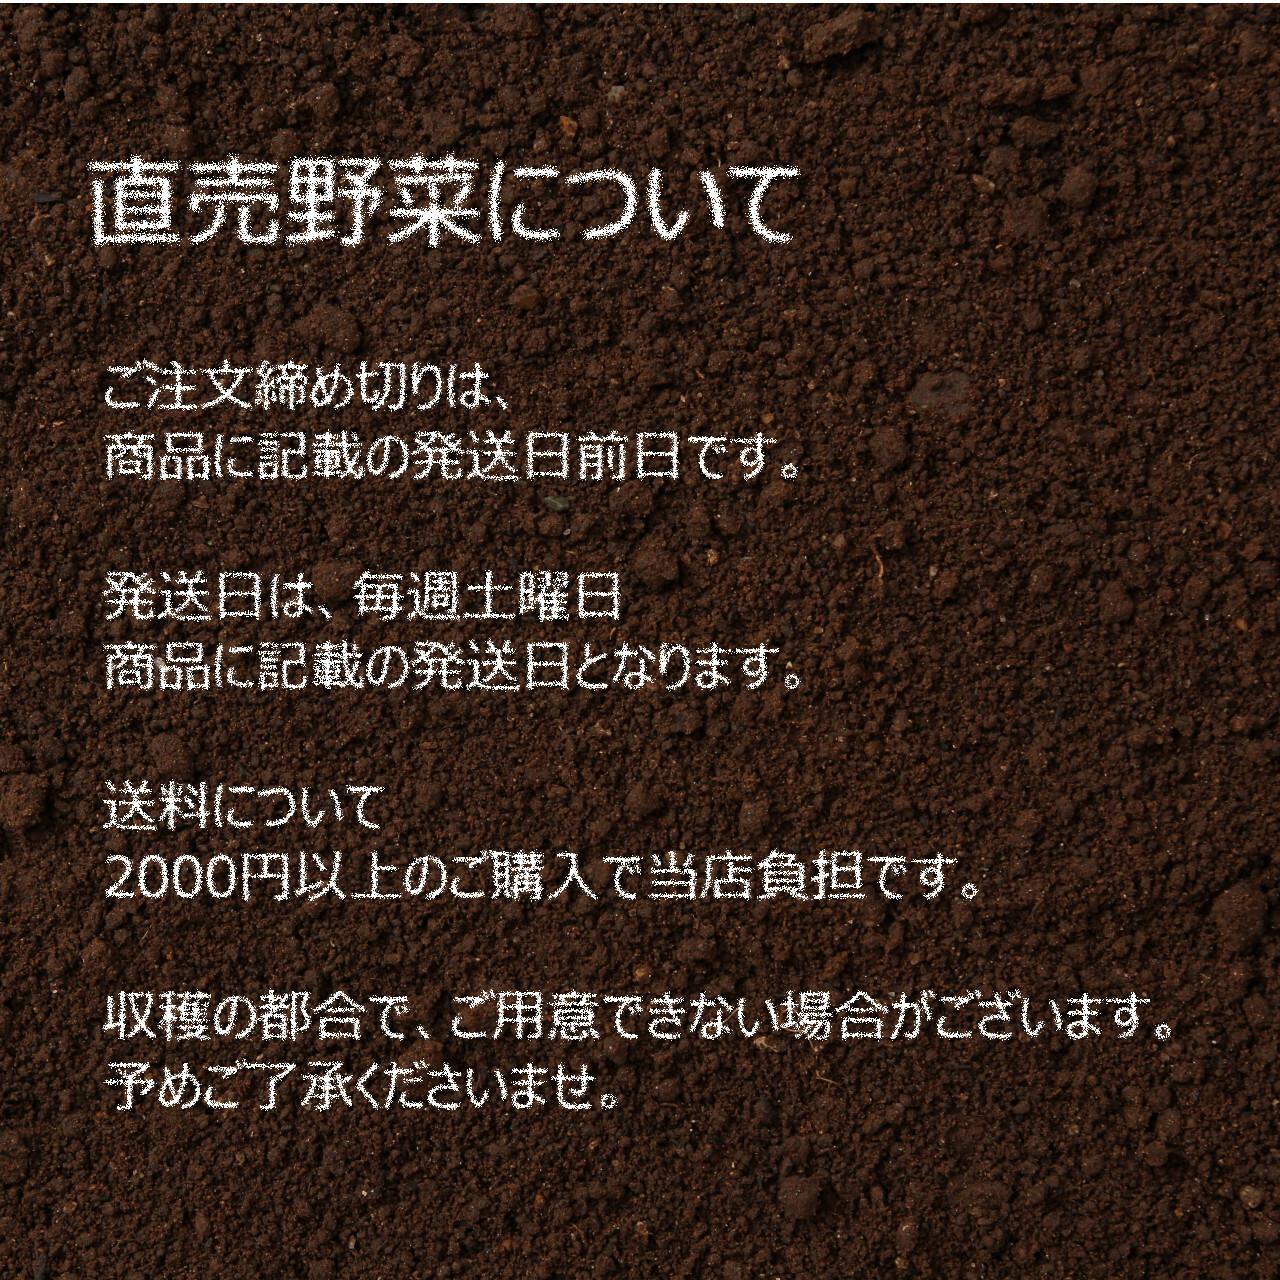 8月の新鮮な夏野菜 : ネギ 3~4本 8月の朝採り直売野菜 8月17日発送予定